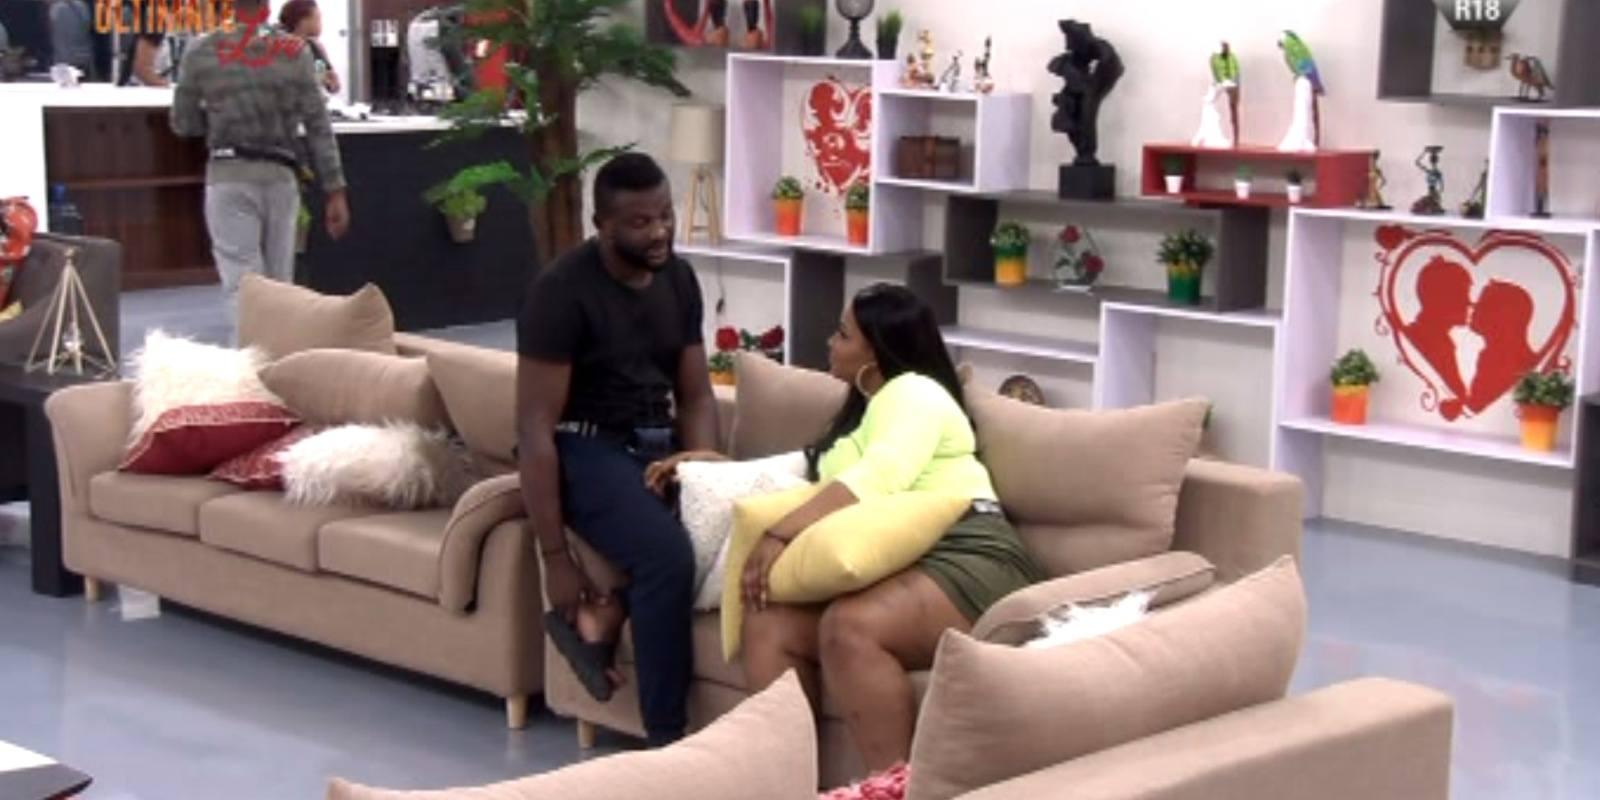 Ebiteinye and Obichukwu